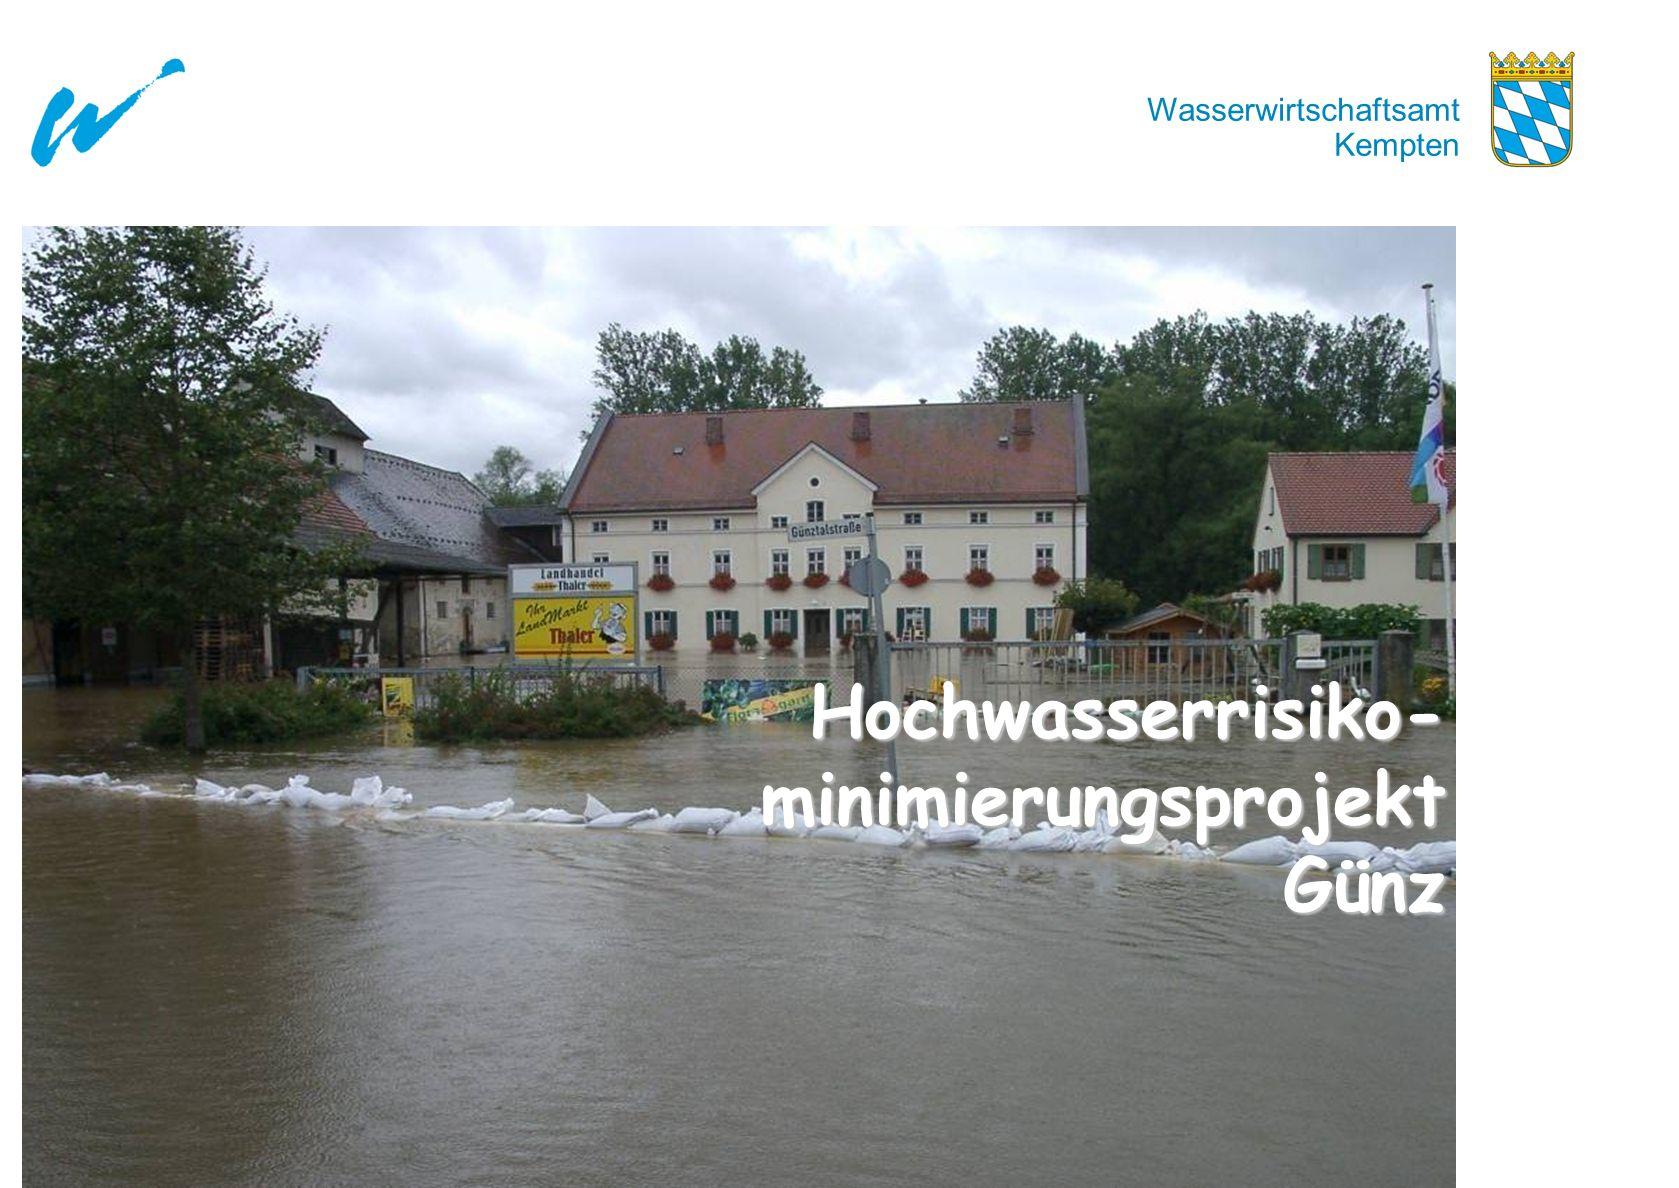 Hochwasserrisiko-minimierungsprojektGünz Wasserwirtschaftsamt Kempten